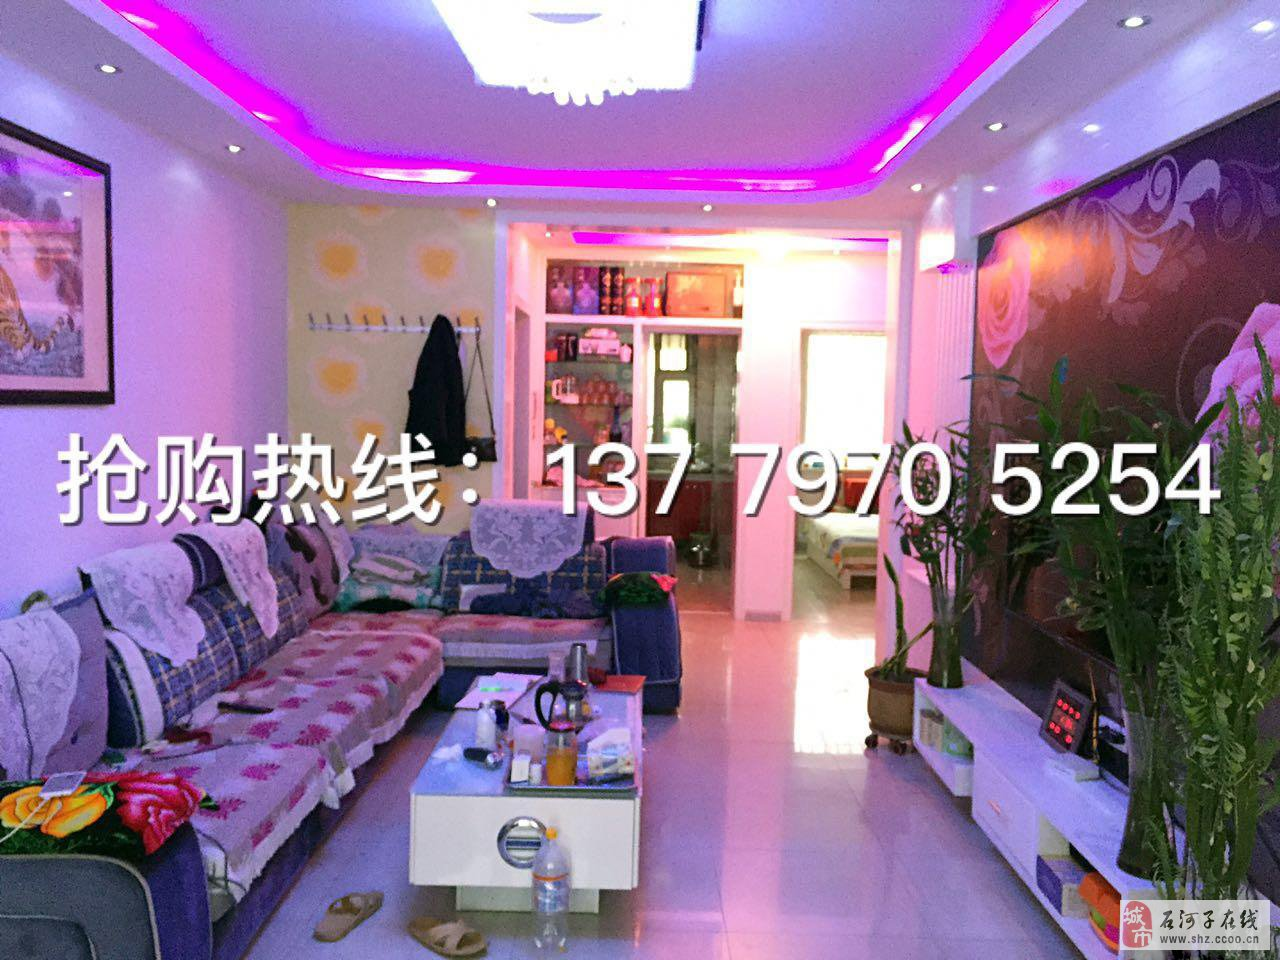 3楼2室2厅82平米精装婚房出售-石河子v行业室内设计师行业证书图片